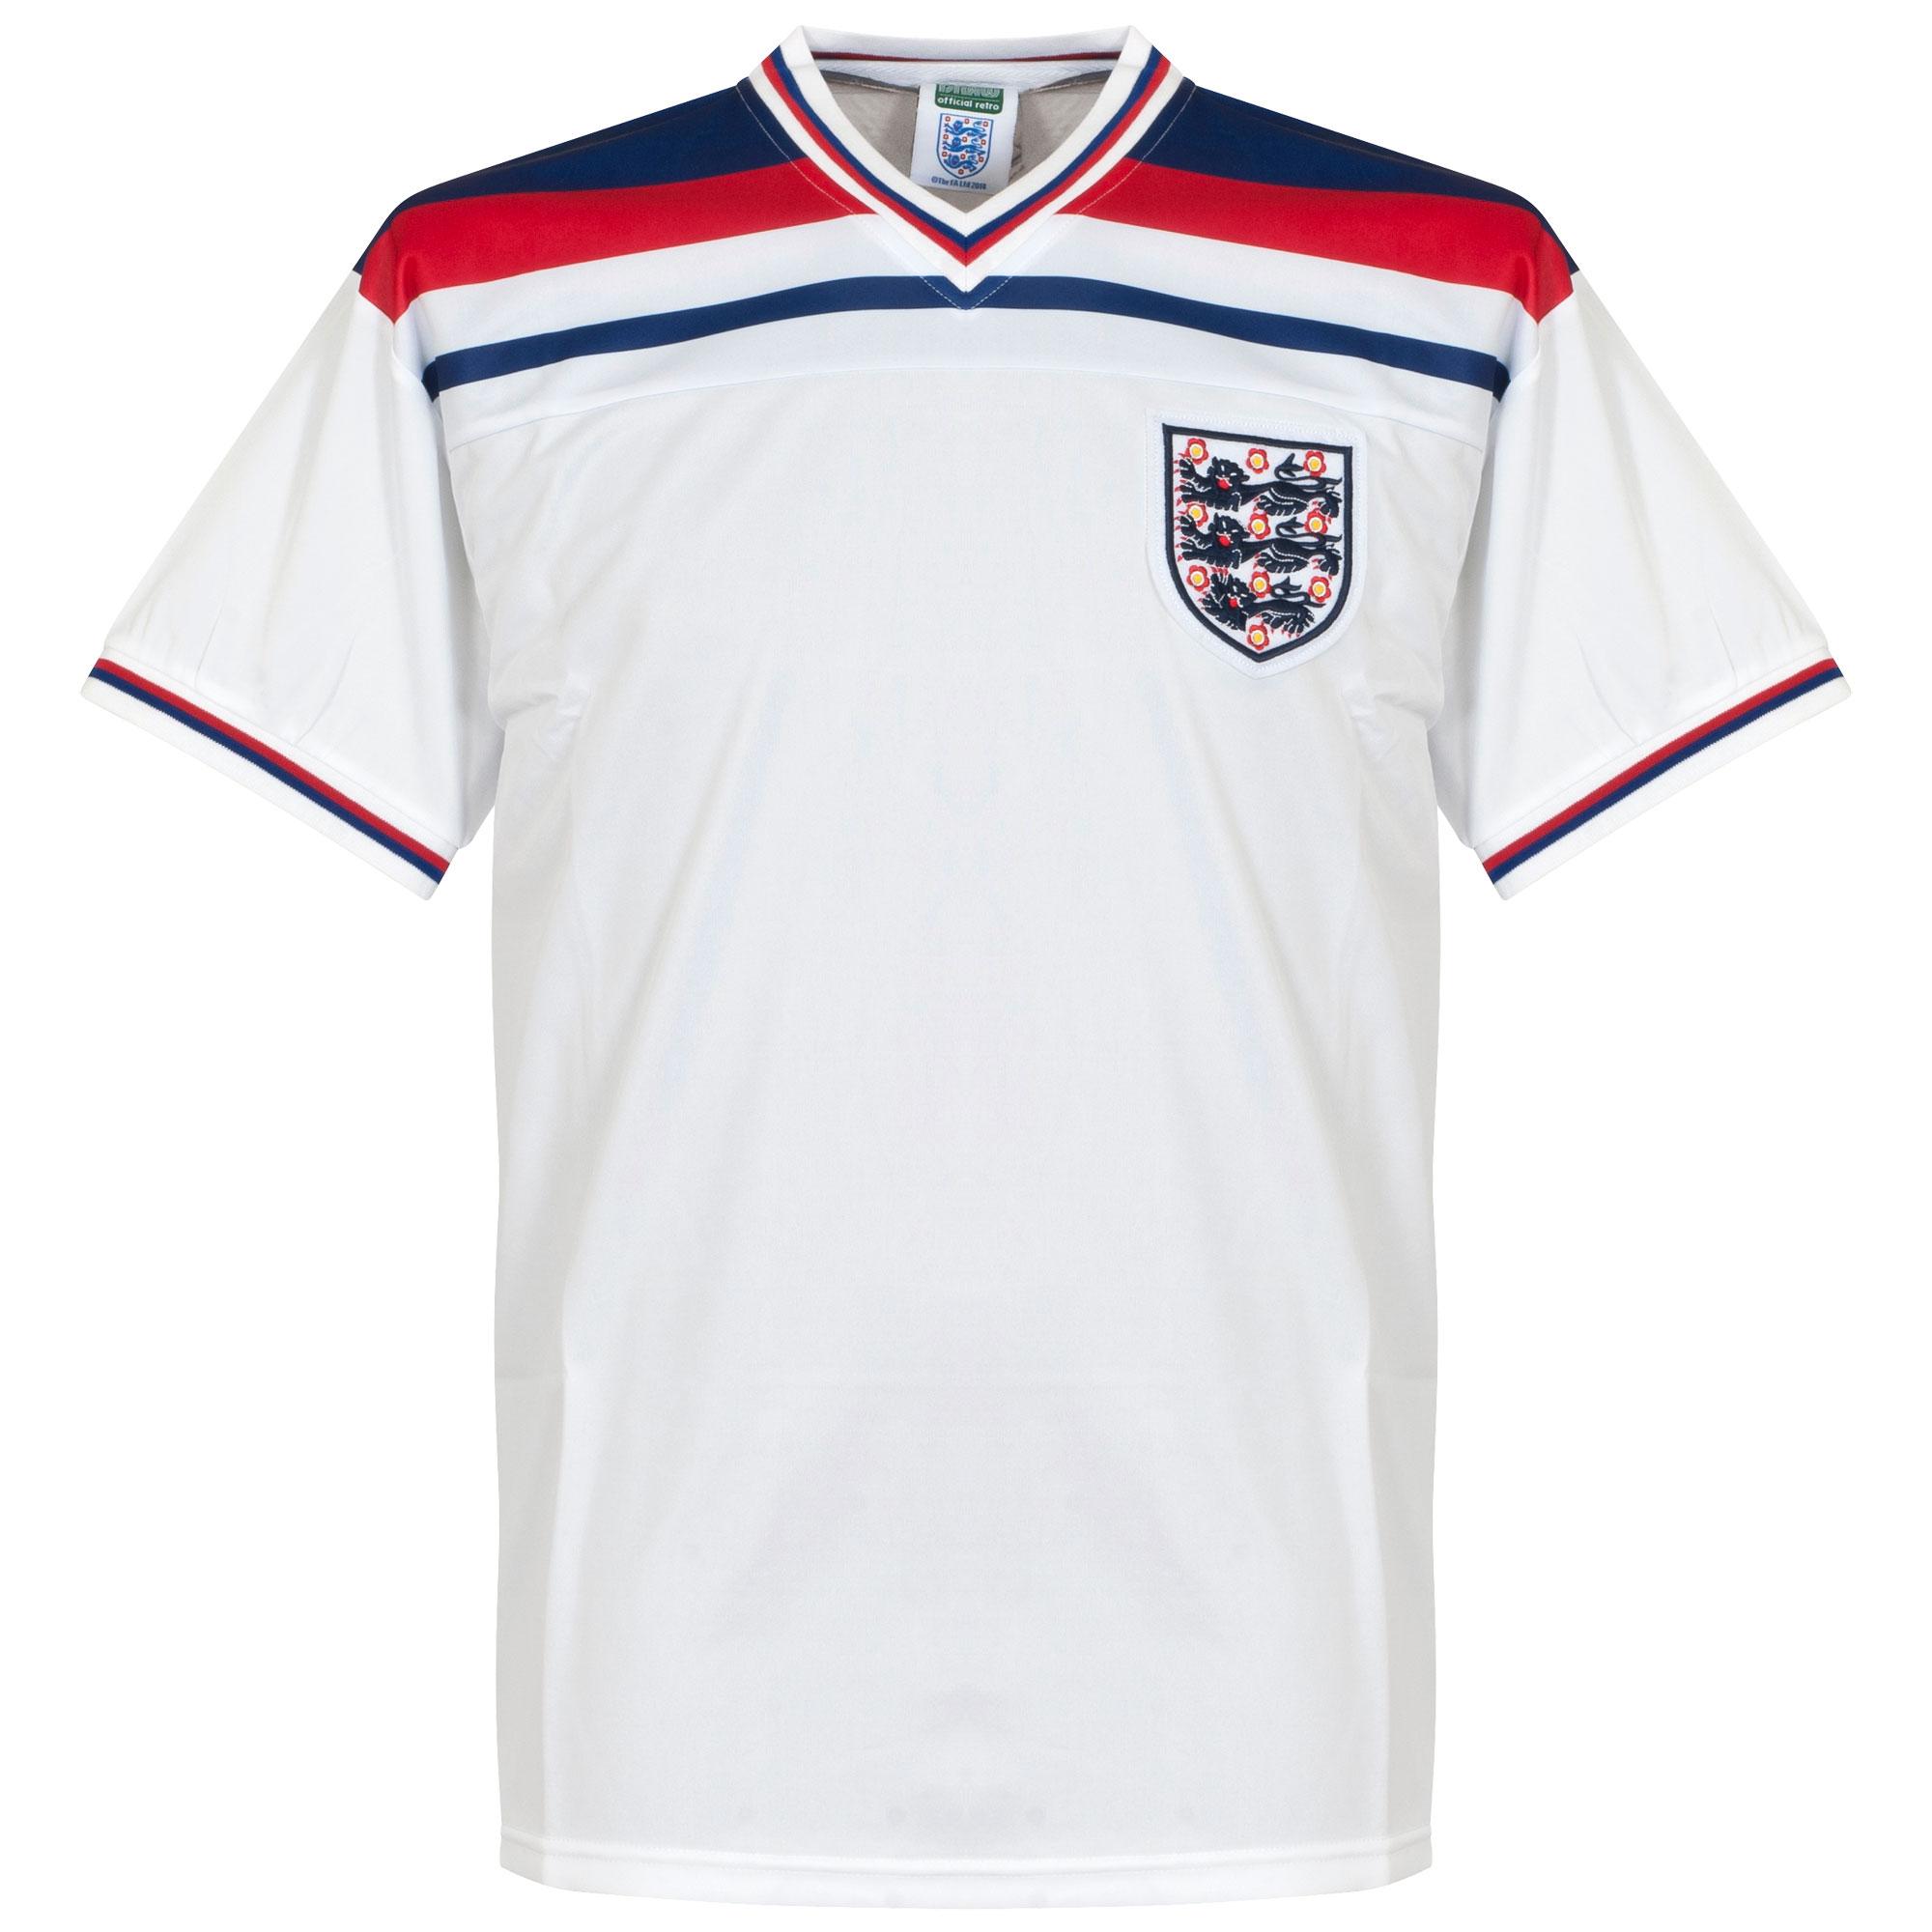 1982 England Home Retro Shirt